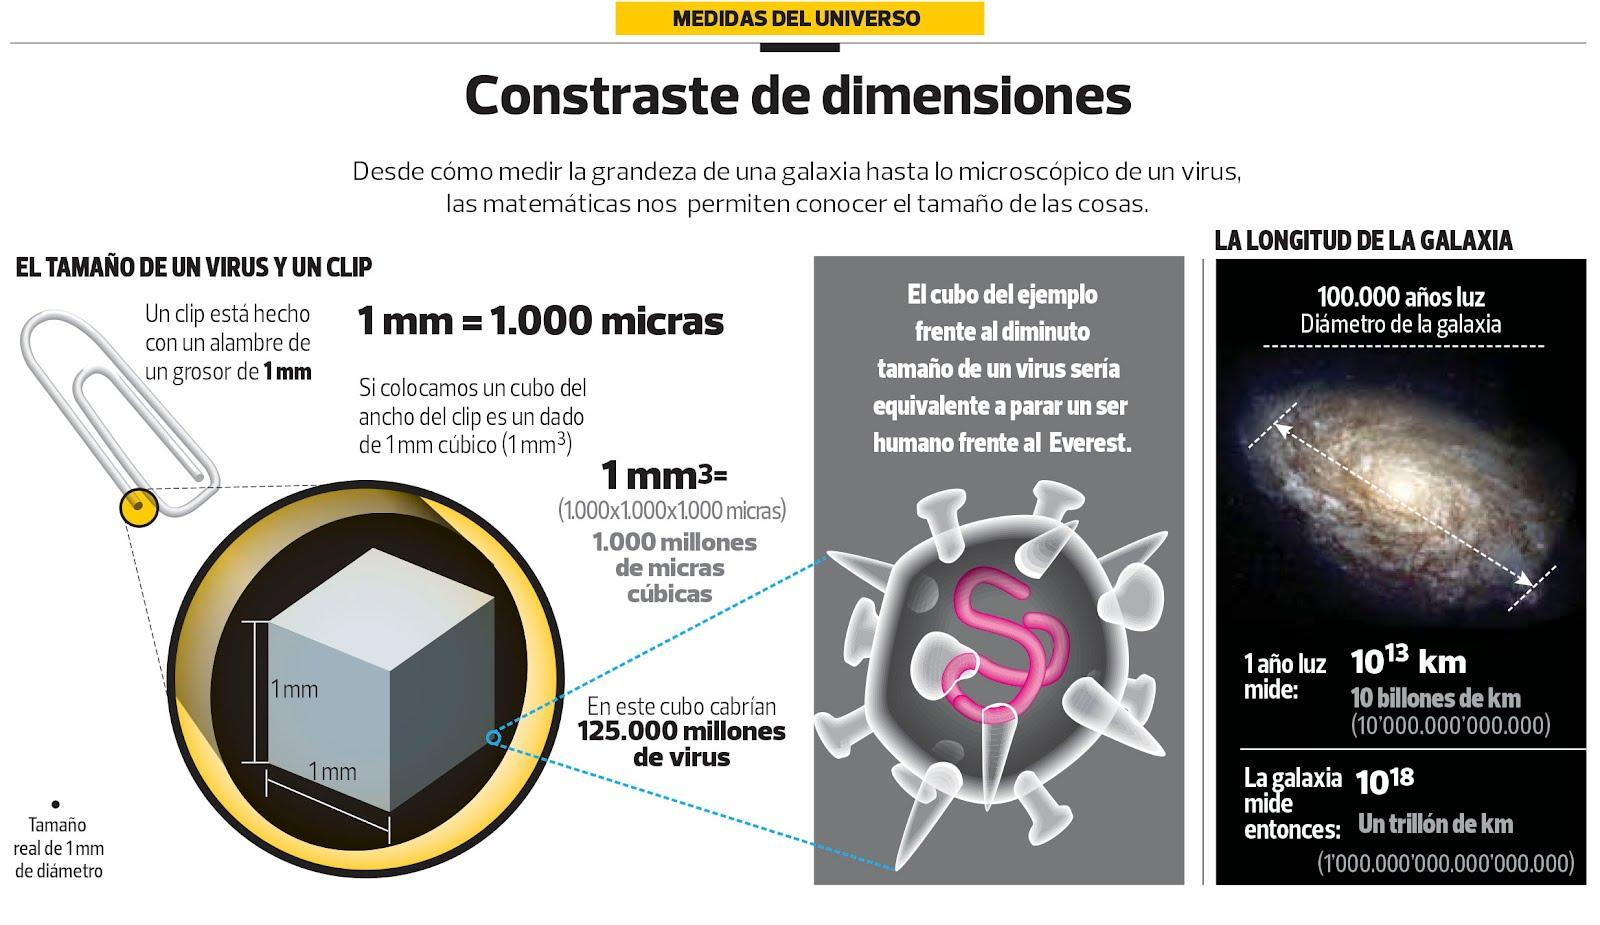 Contraste de dimensiones